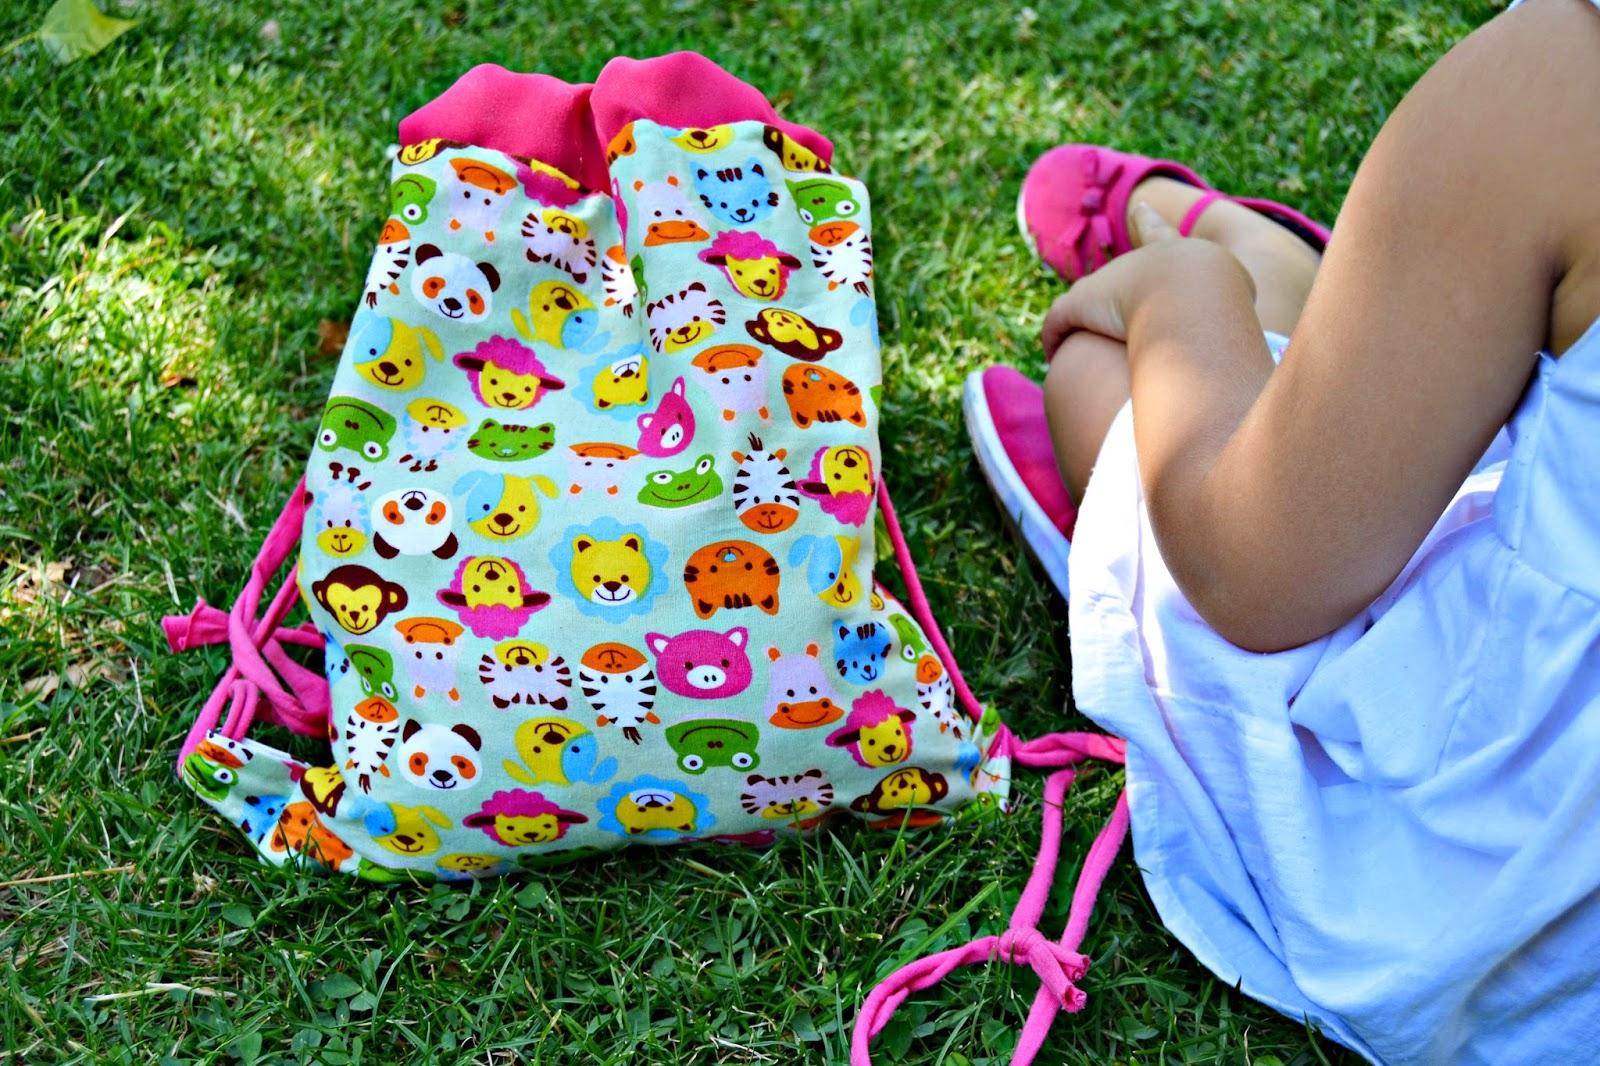 mochila personalizada las cosas de maripi blog infantil mama de noa